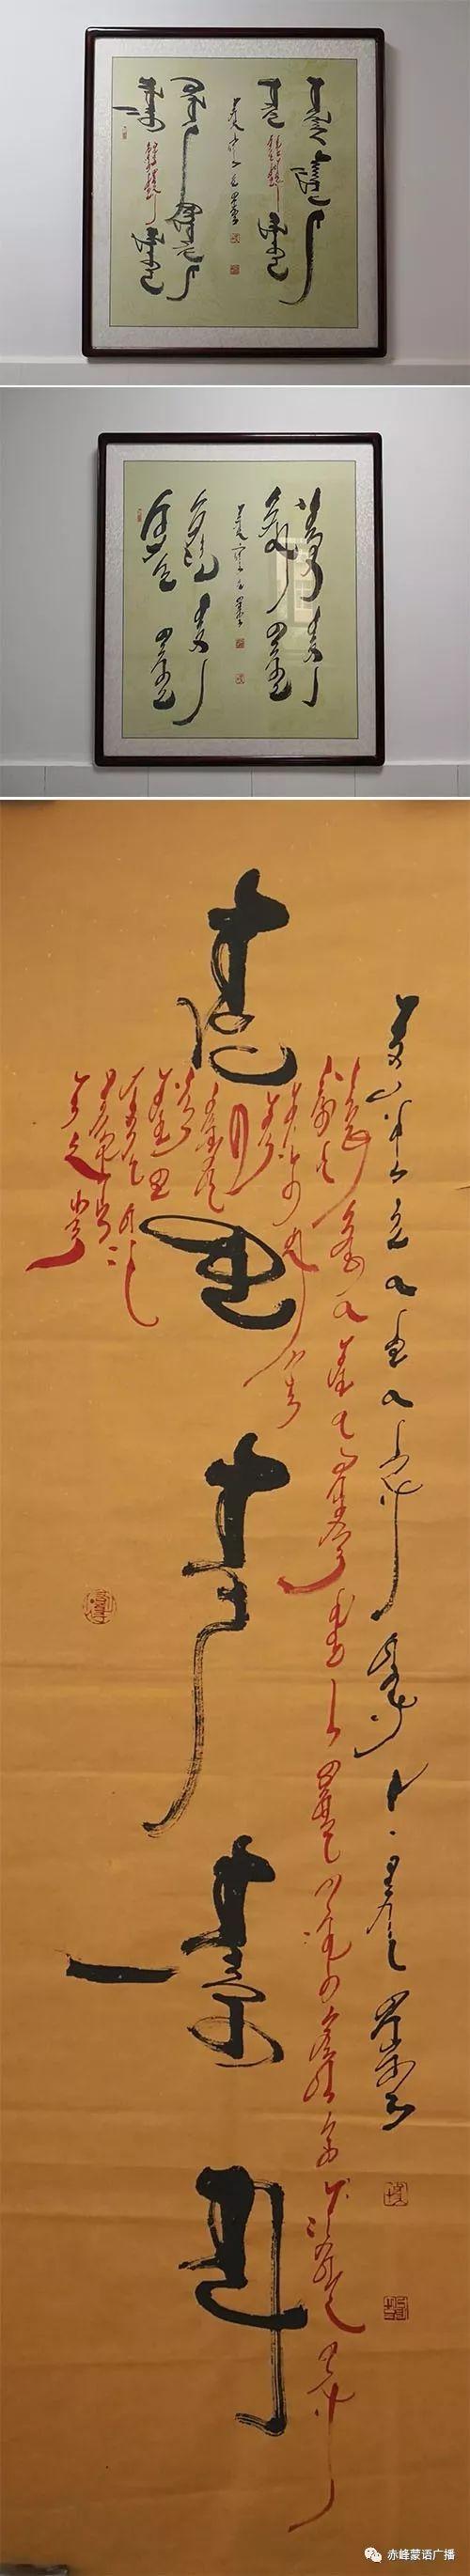 【音频】《赤峰蒙古族书法家》系列采访 (28) 第2张